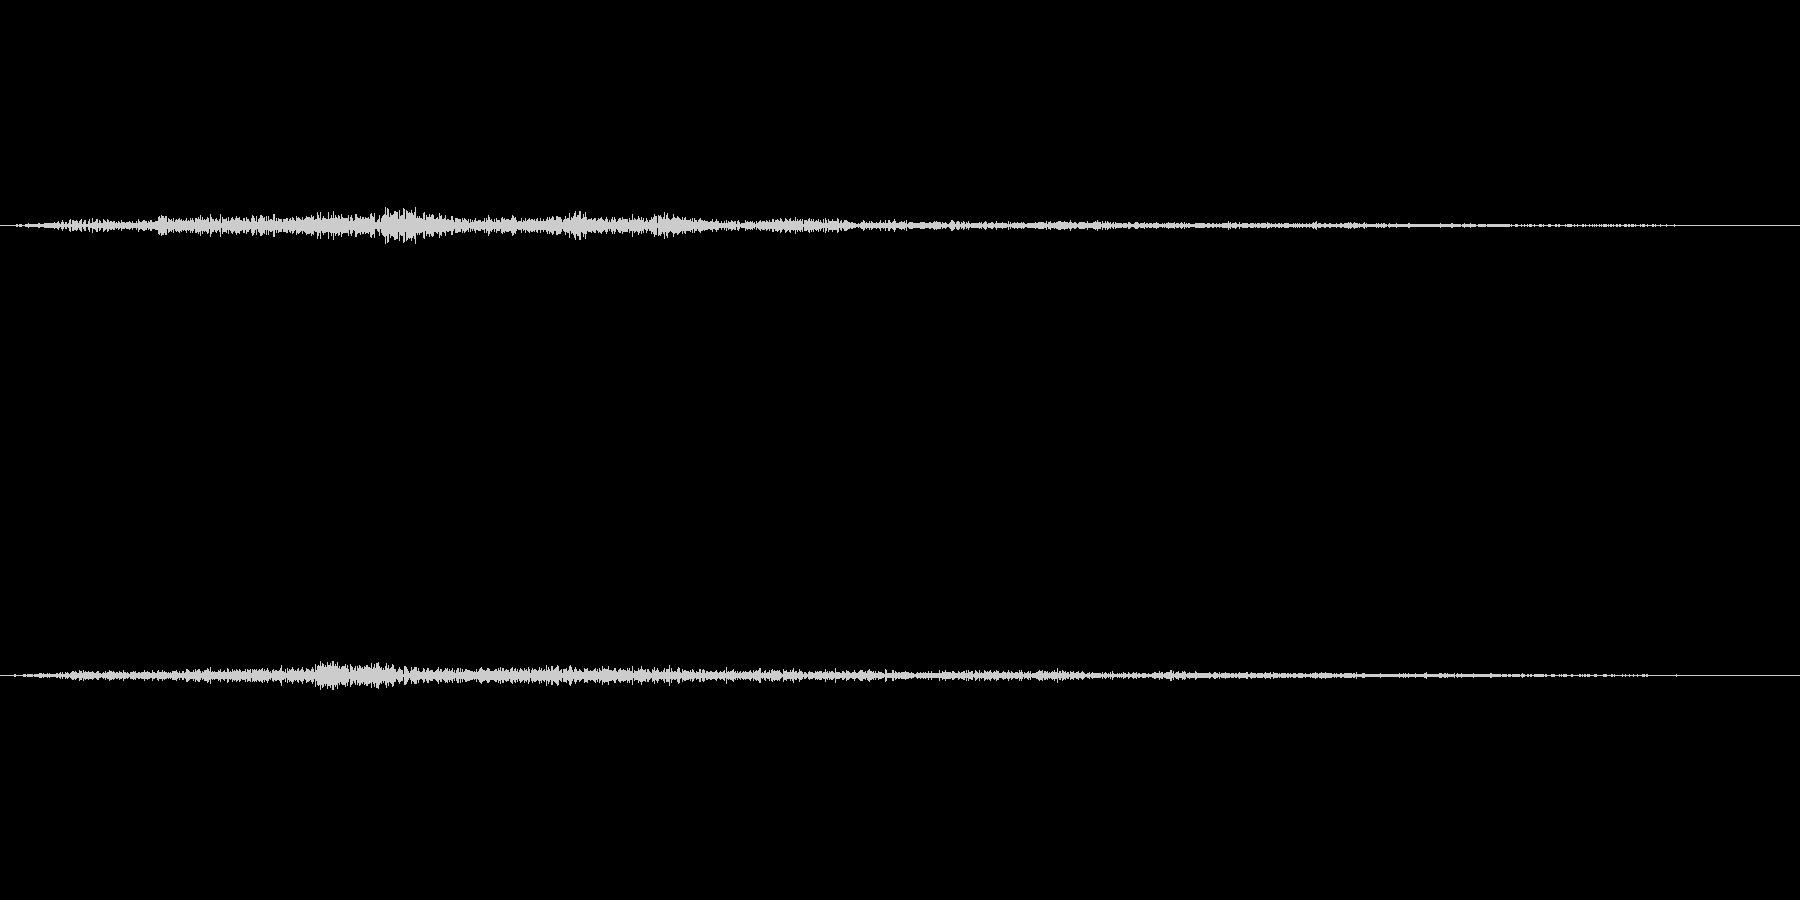 観客の笑い声(クスクス)の未再生の波形